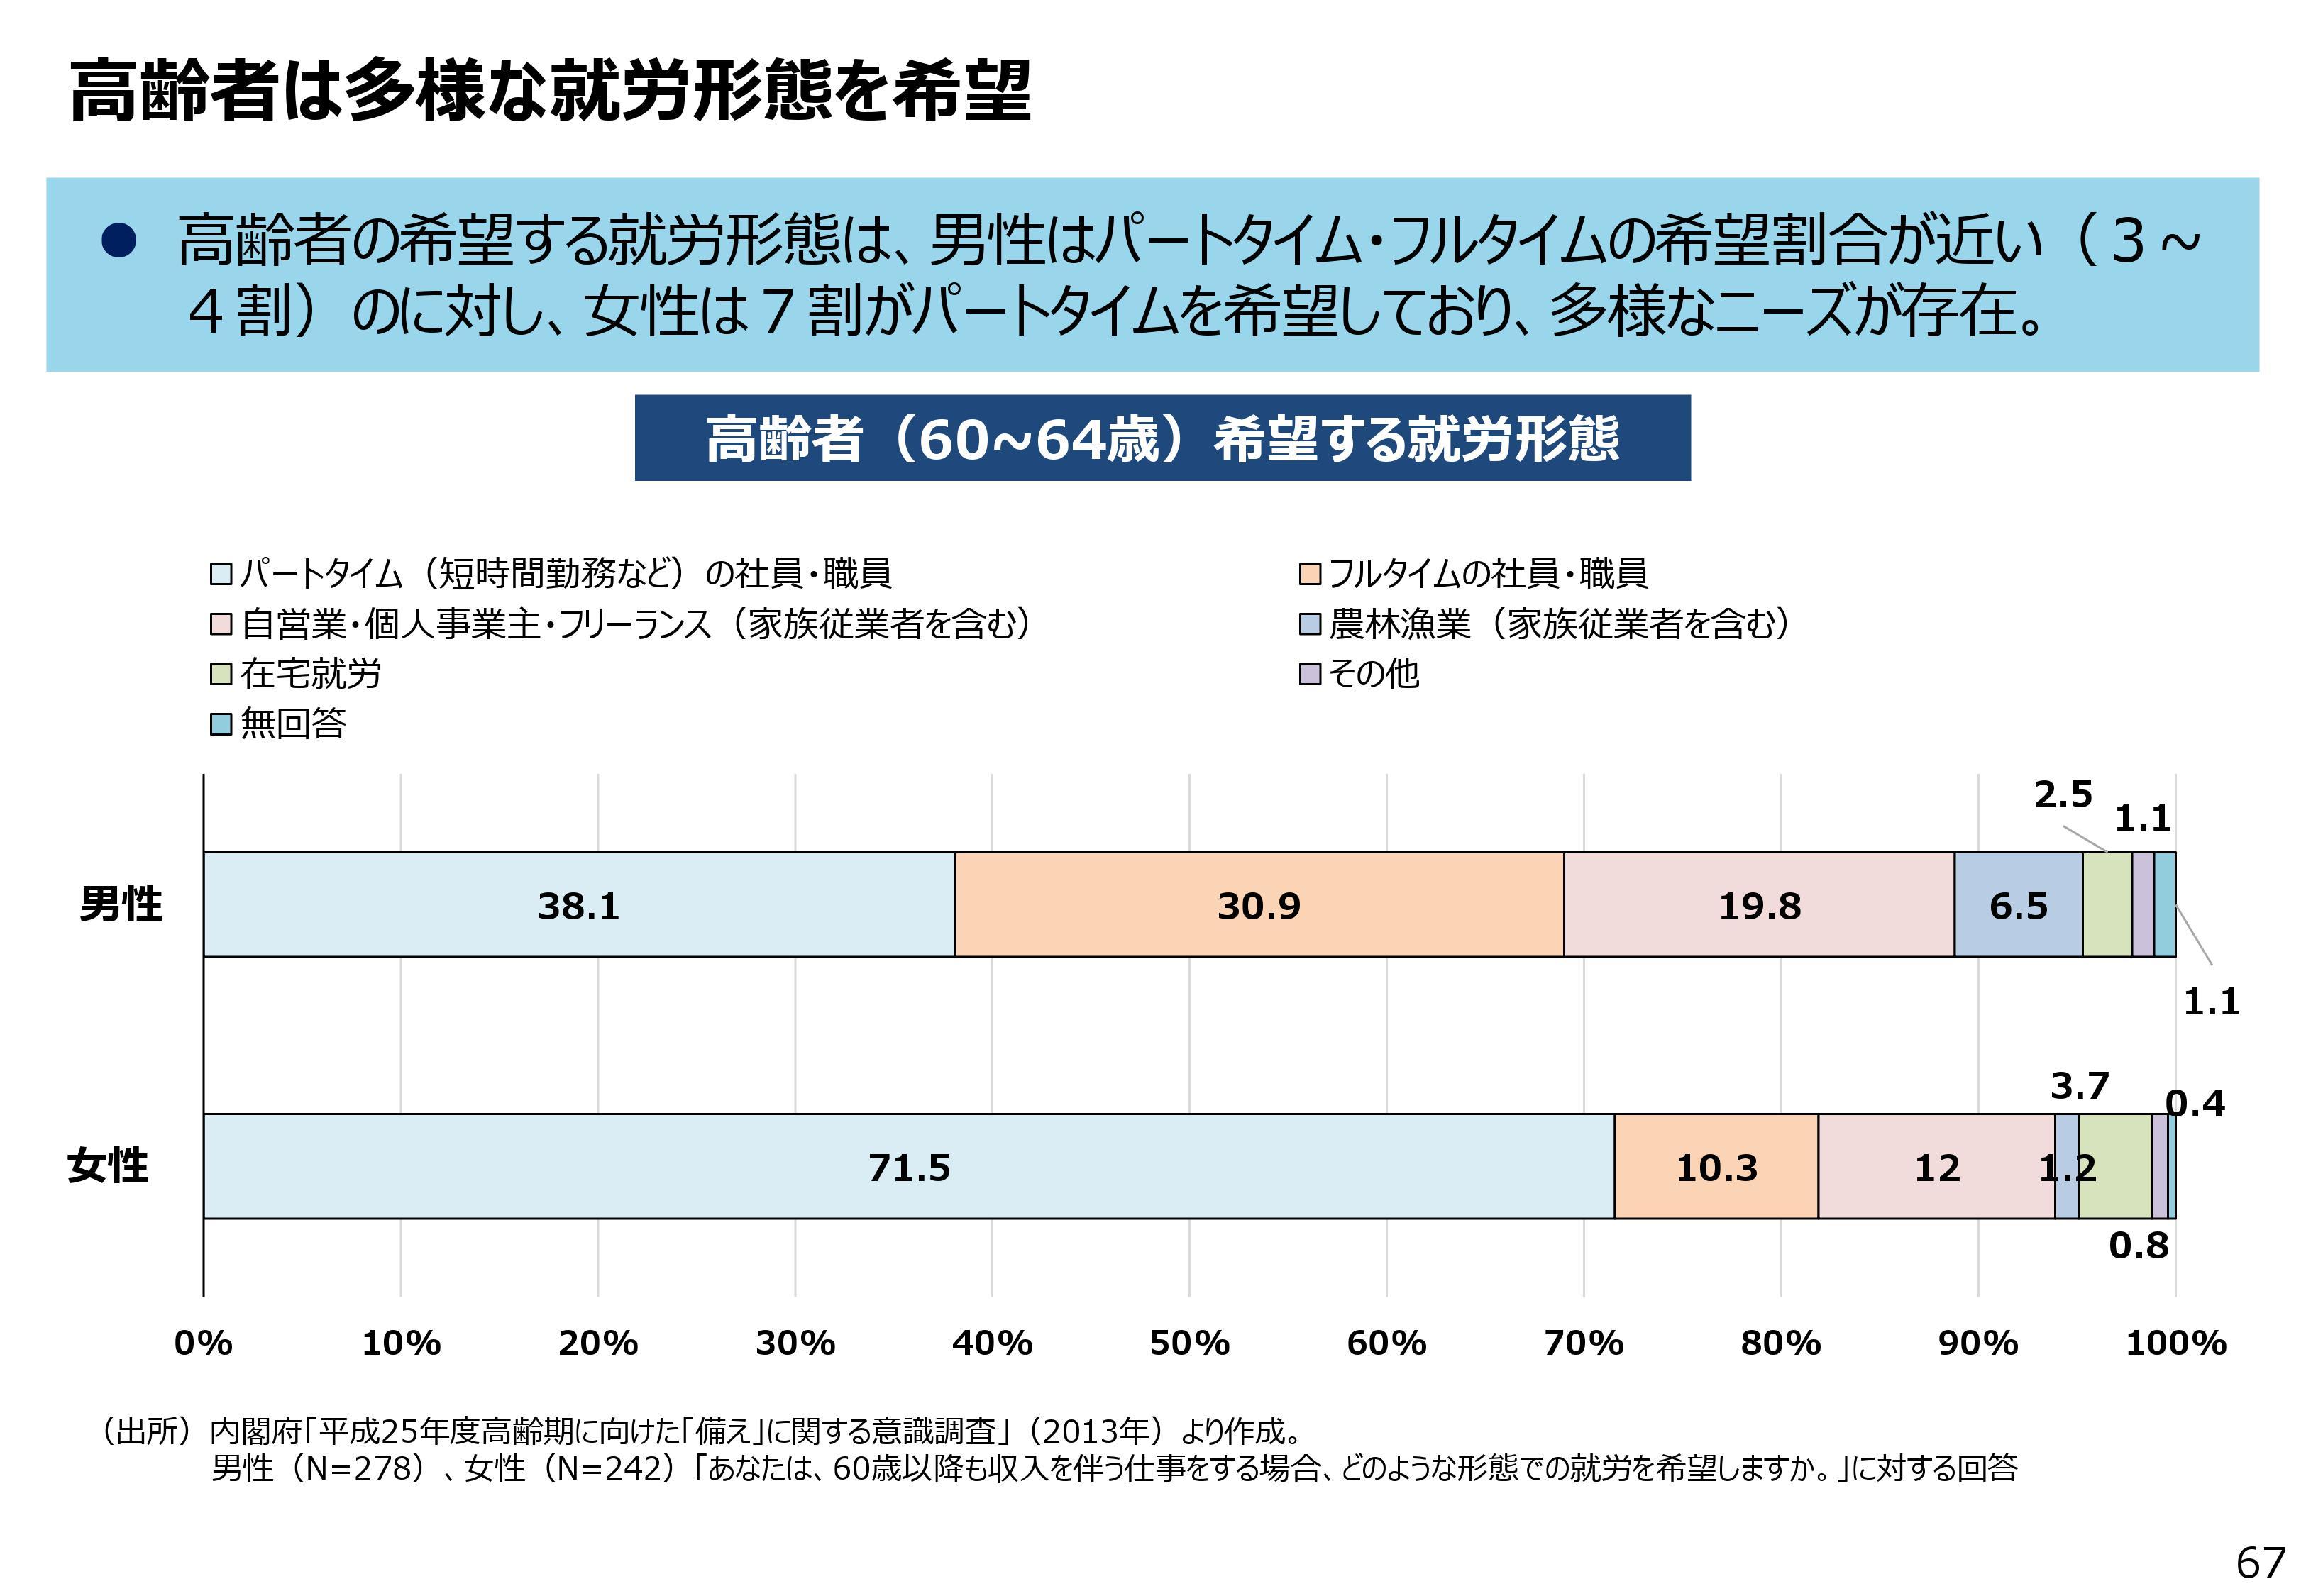 高齢者は多様な勤務形態を希望 | 石田まさひろ政策研究会